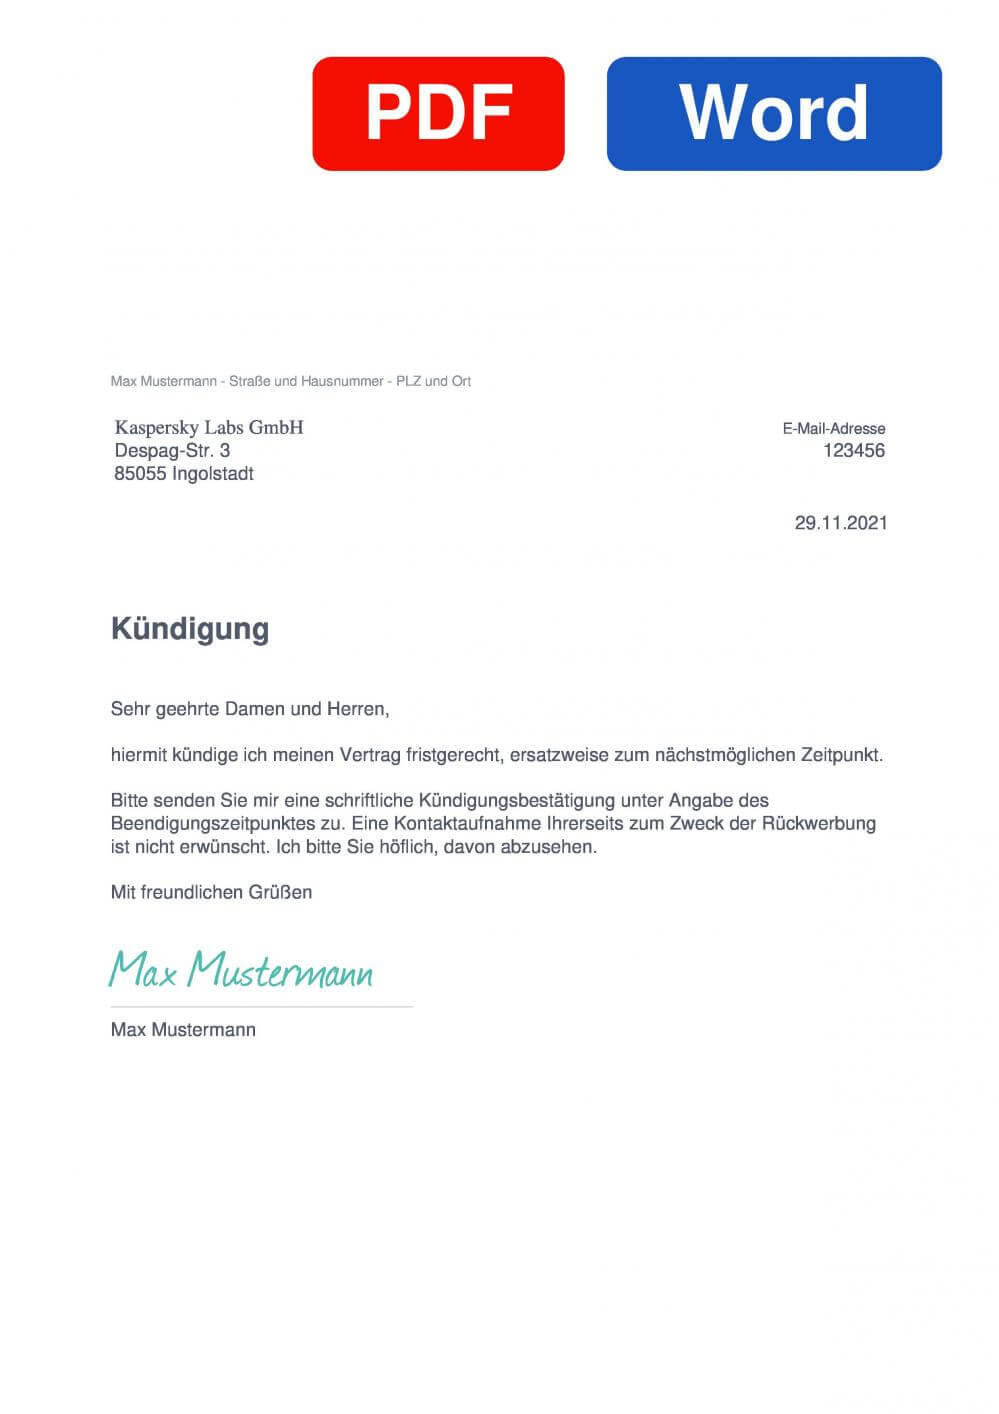 Kaspersky Muster Vorlage für Kündigungsschreiben